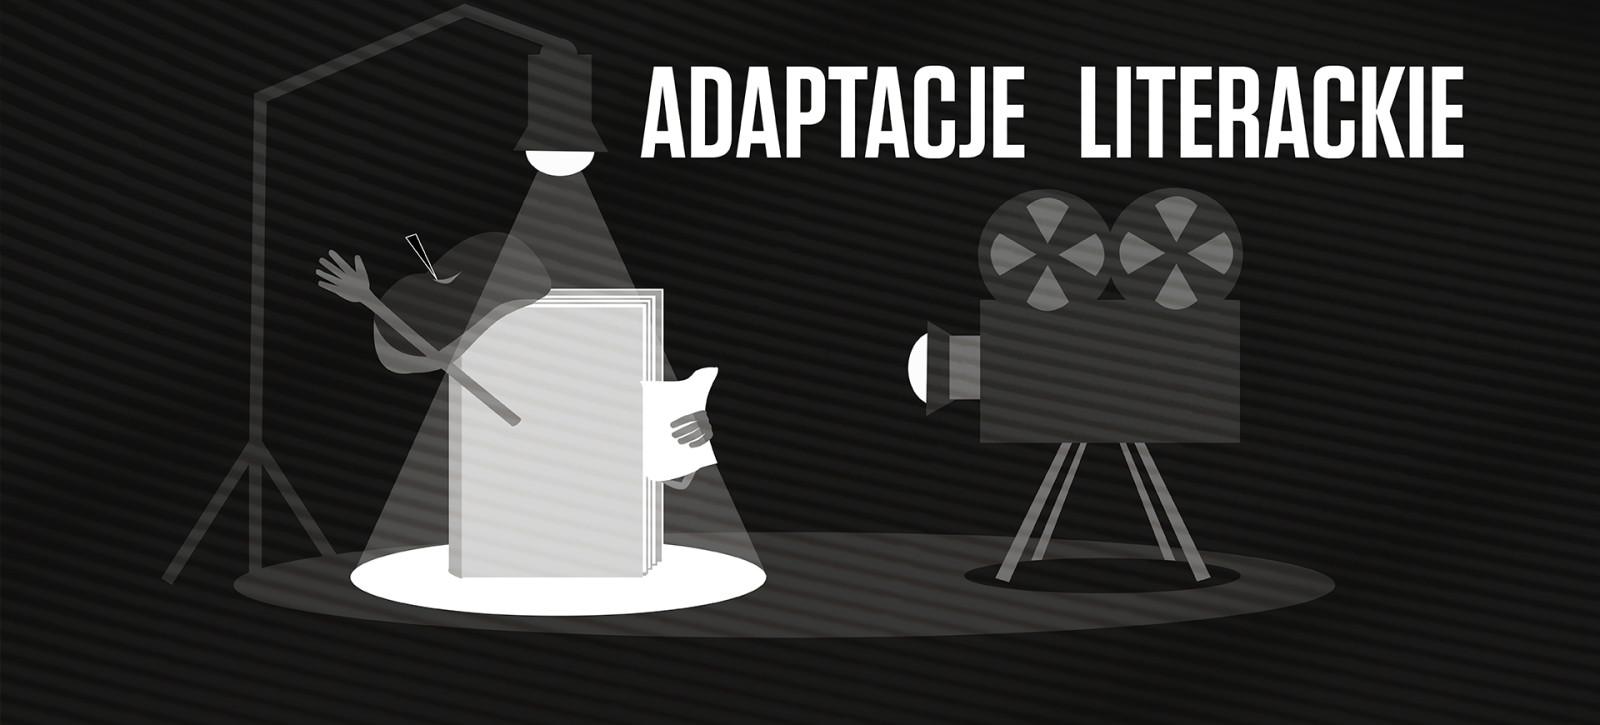 15_Adaptacje_Literackie_grafika_debaty